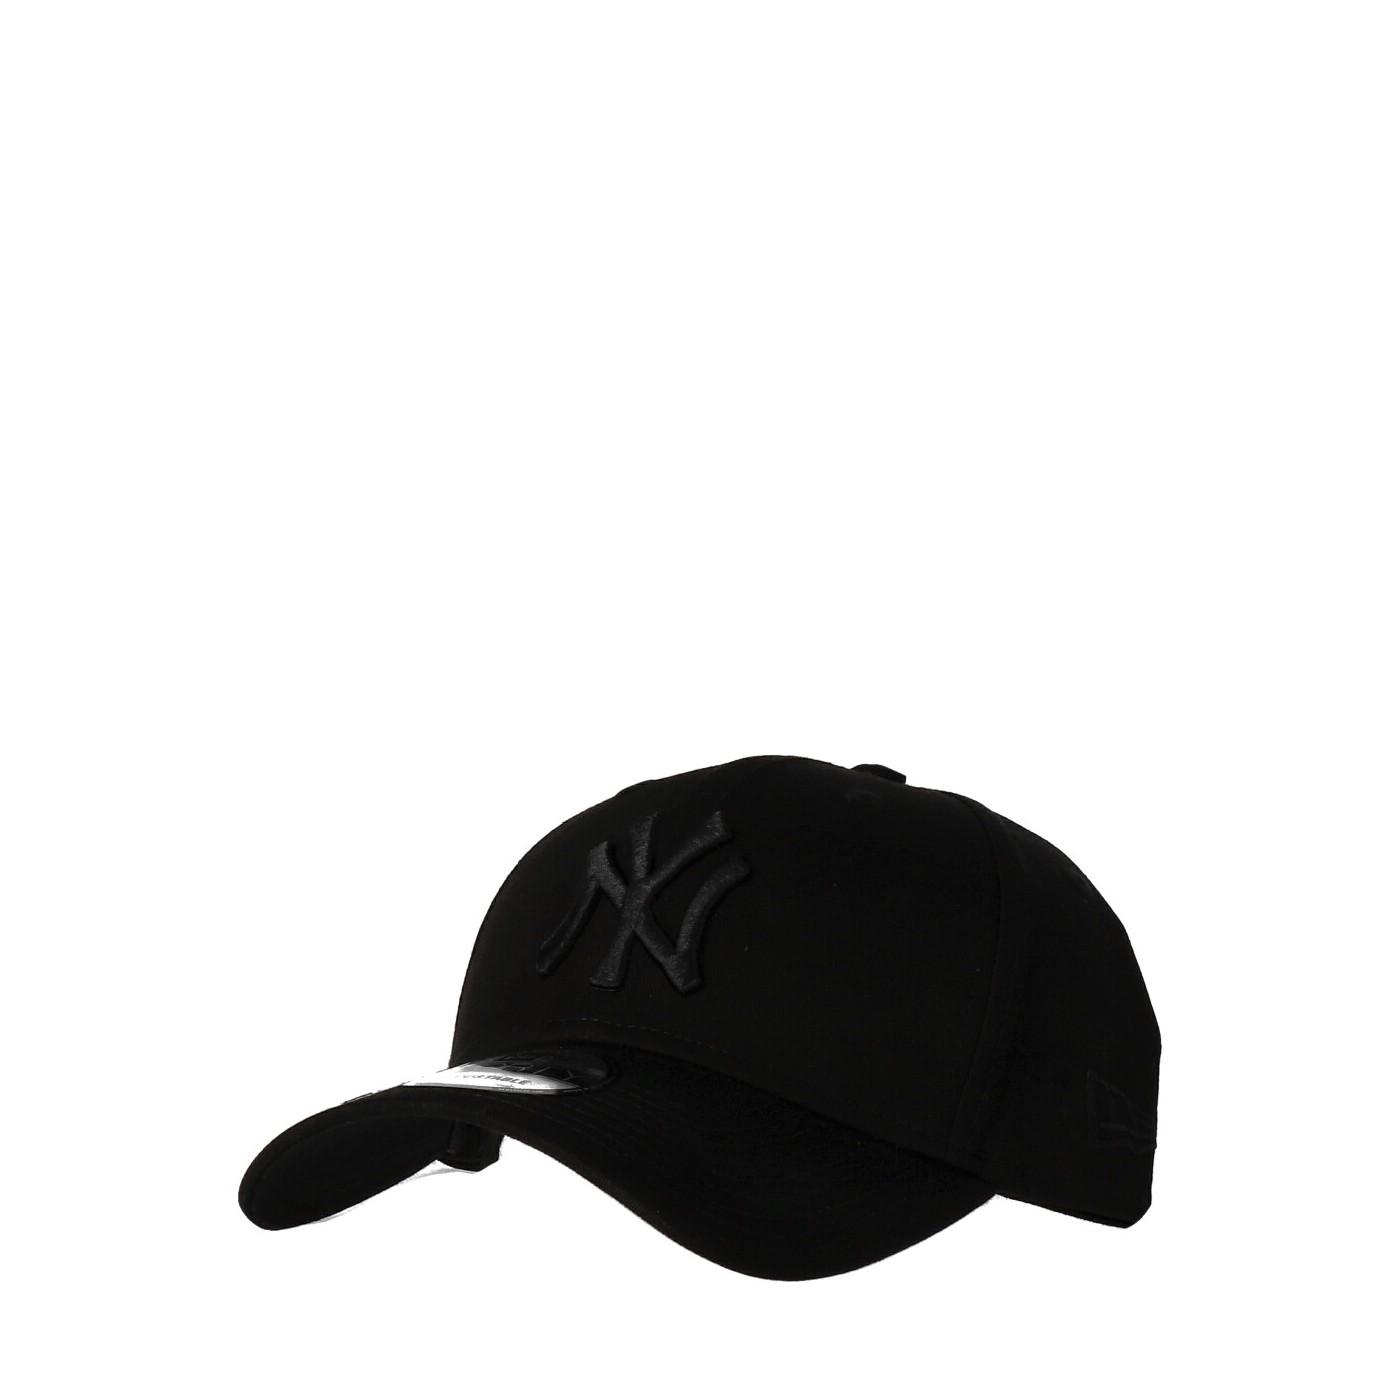 alta qualità prezzo folle assolutamente alla moda New Era 9FORTY Cappello Nero New York Yankees Black